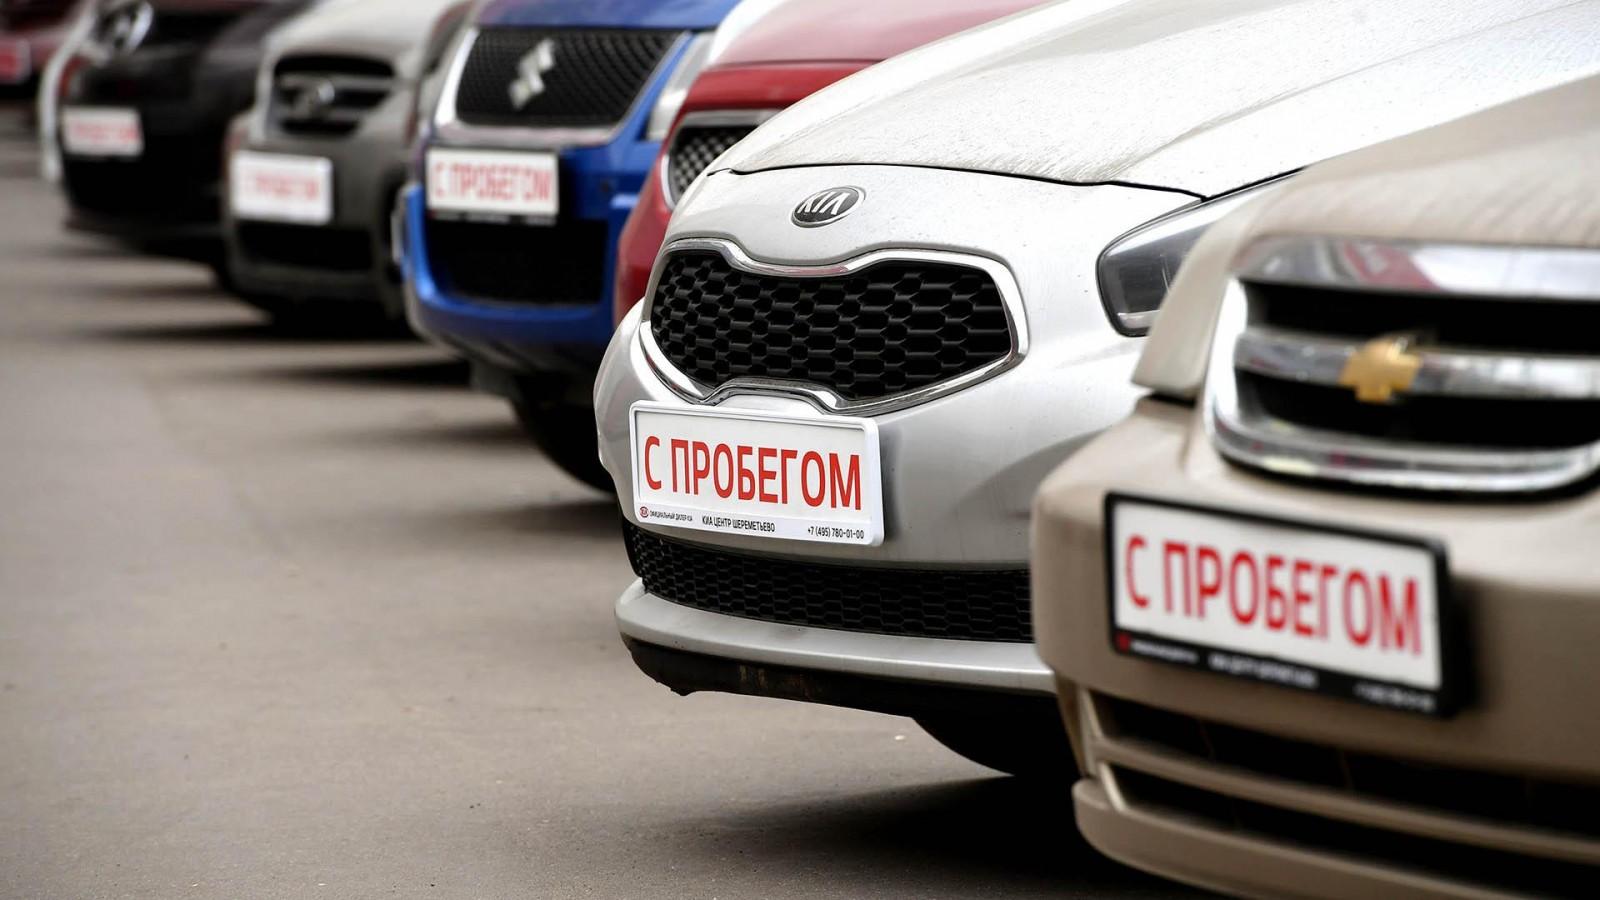 Жителям Калмыкии теперь проще купить или продать подержанный автомобиль